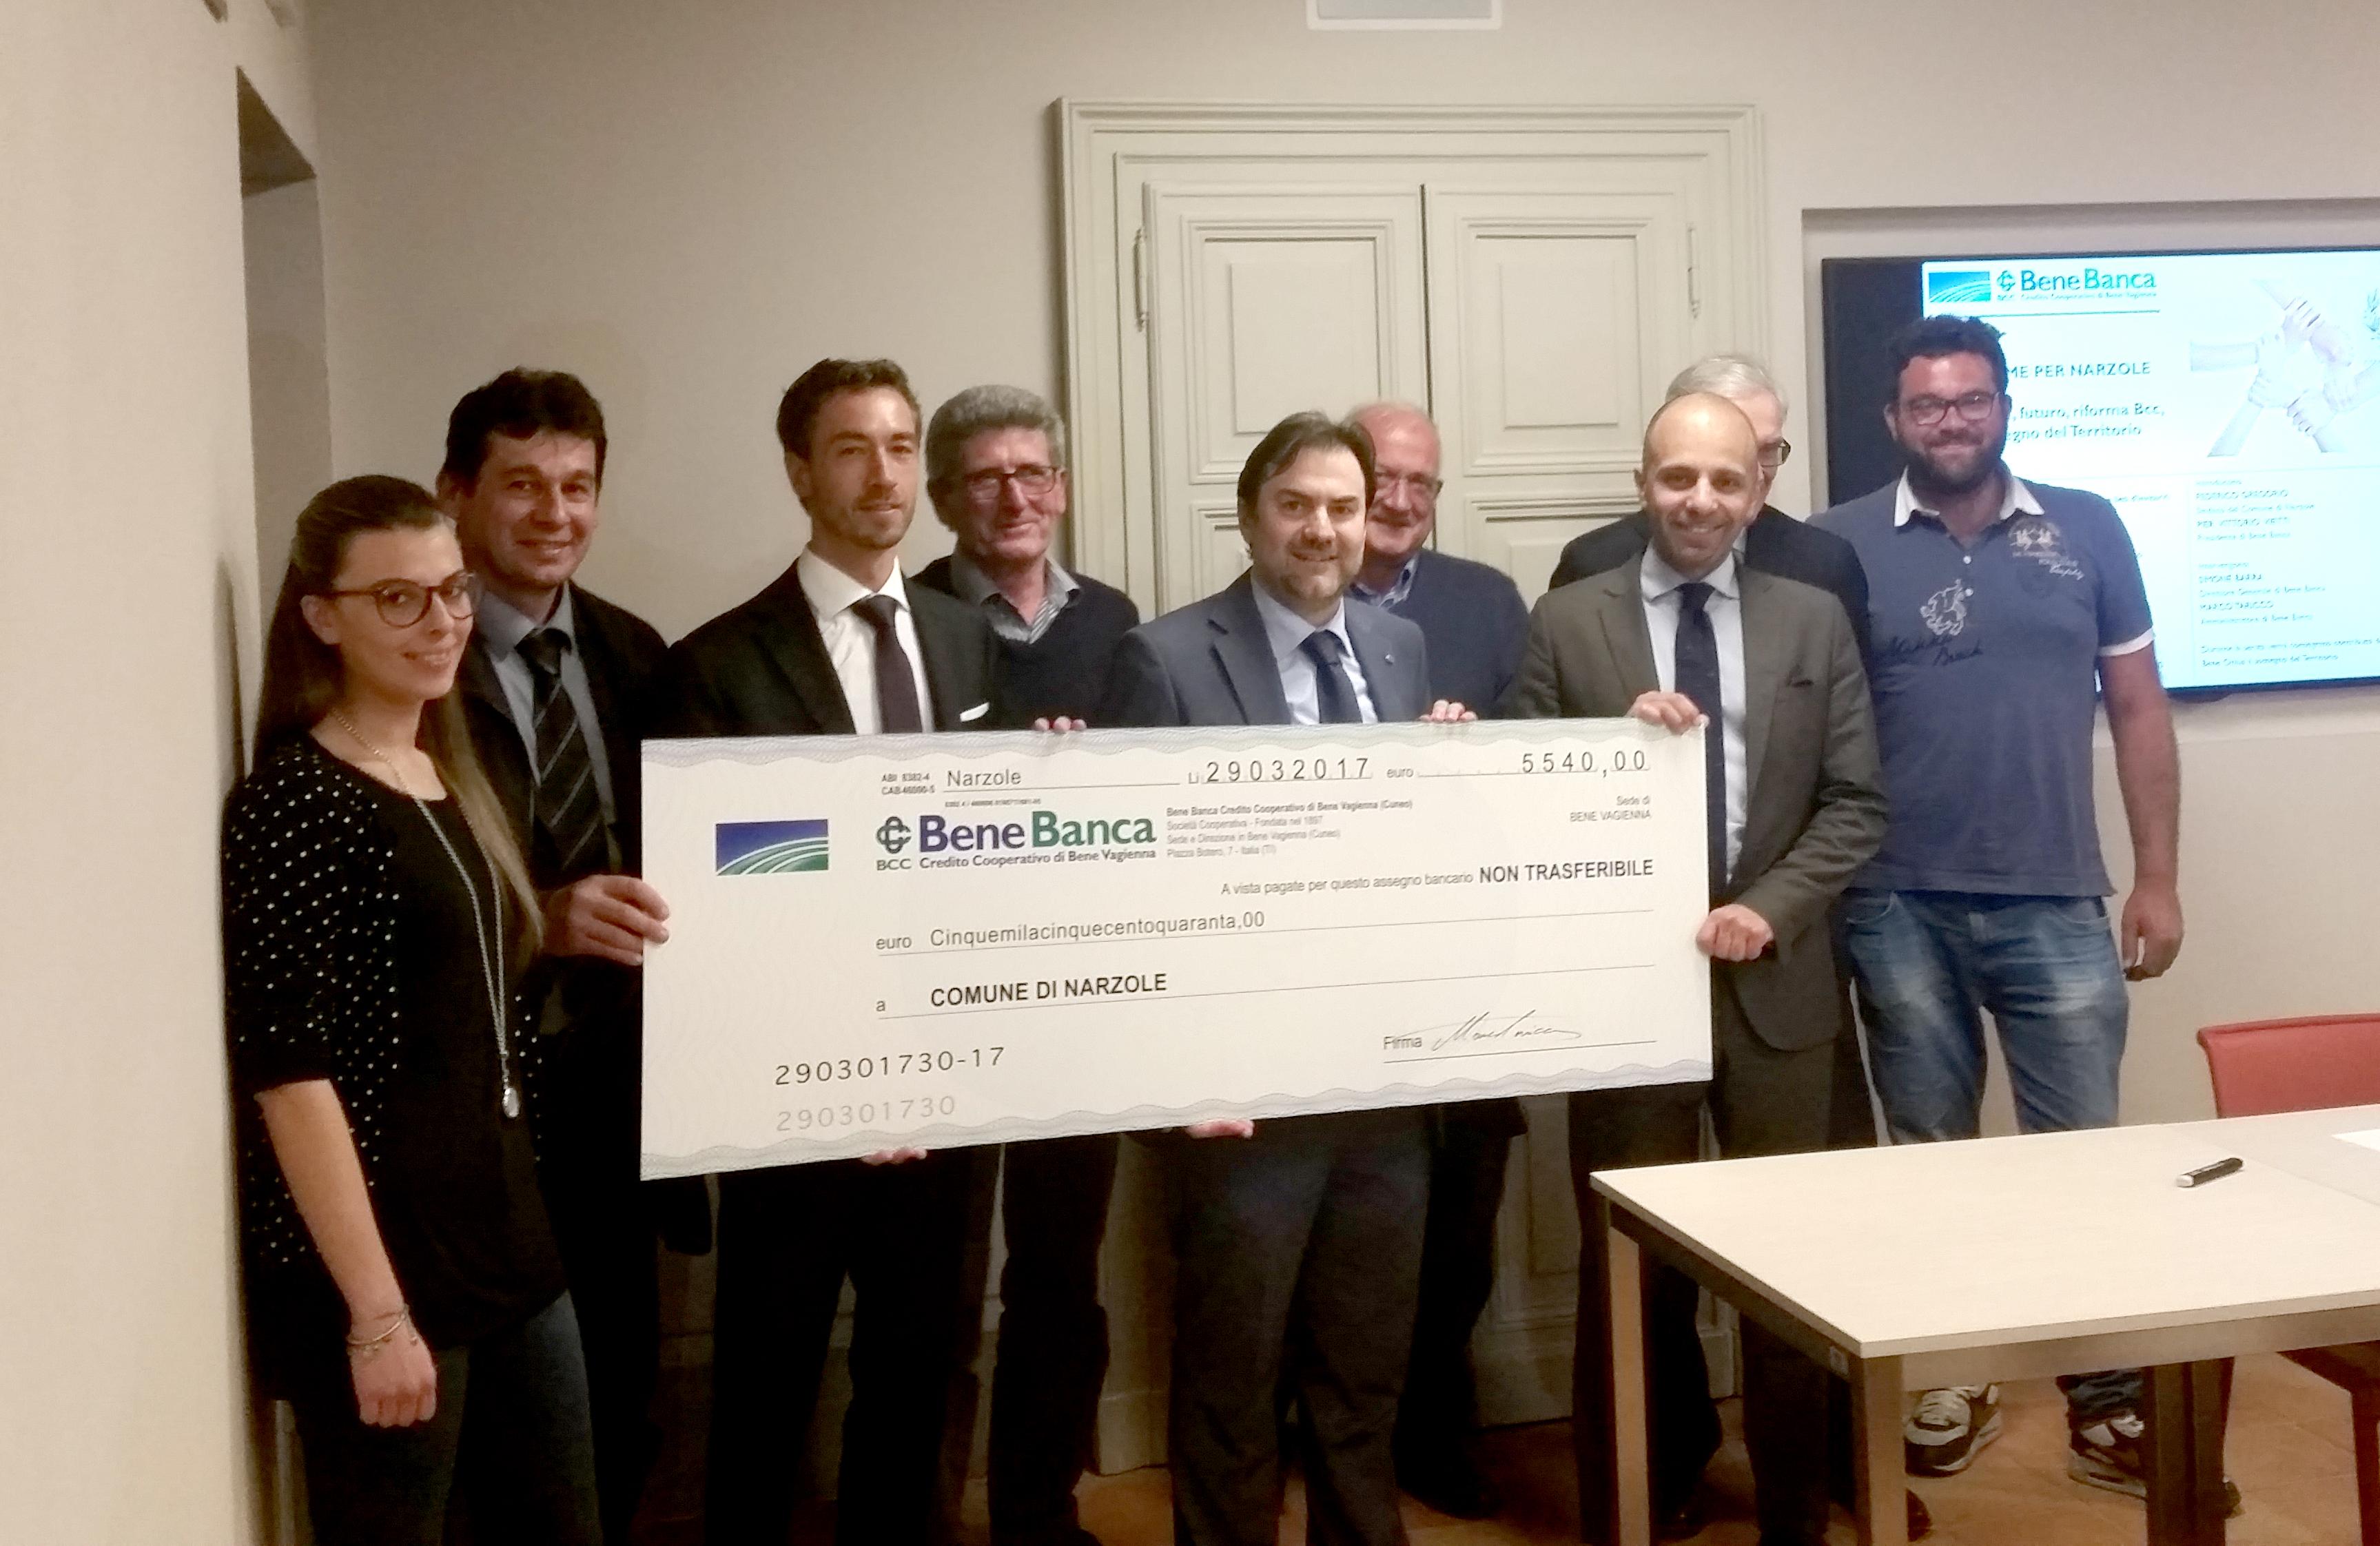 La Guida - Bene Banca dona fondi a realtà sociali di Narzole